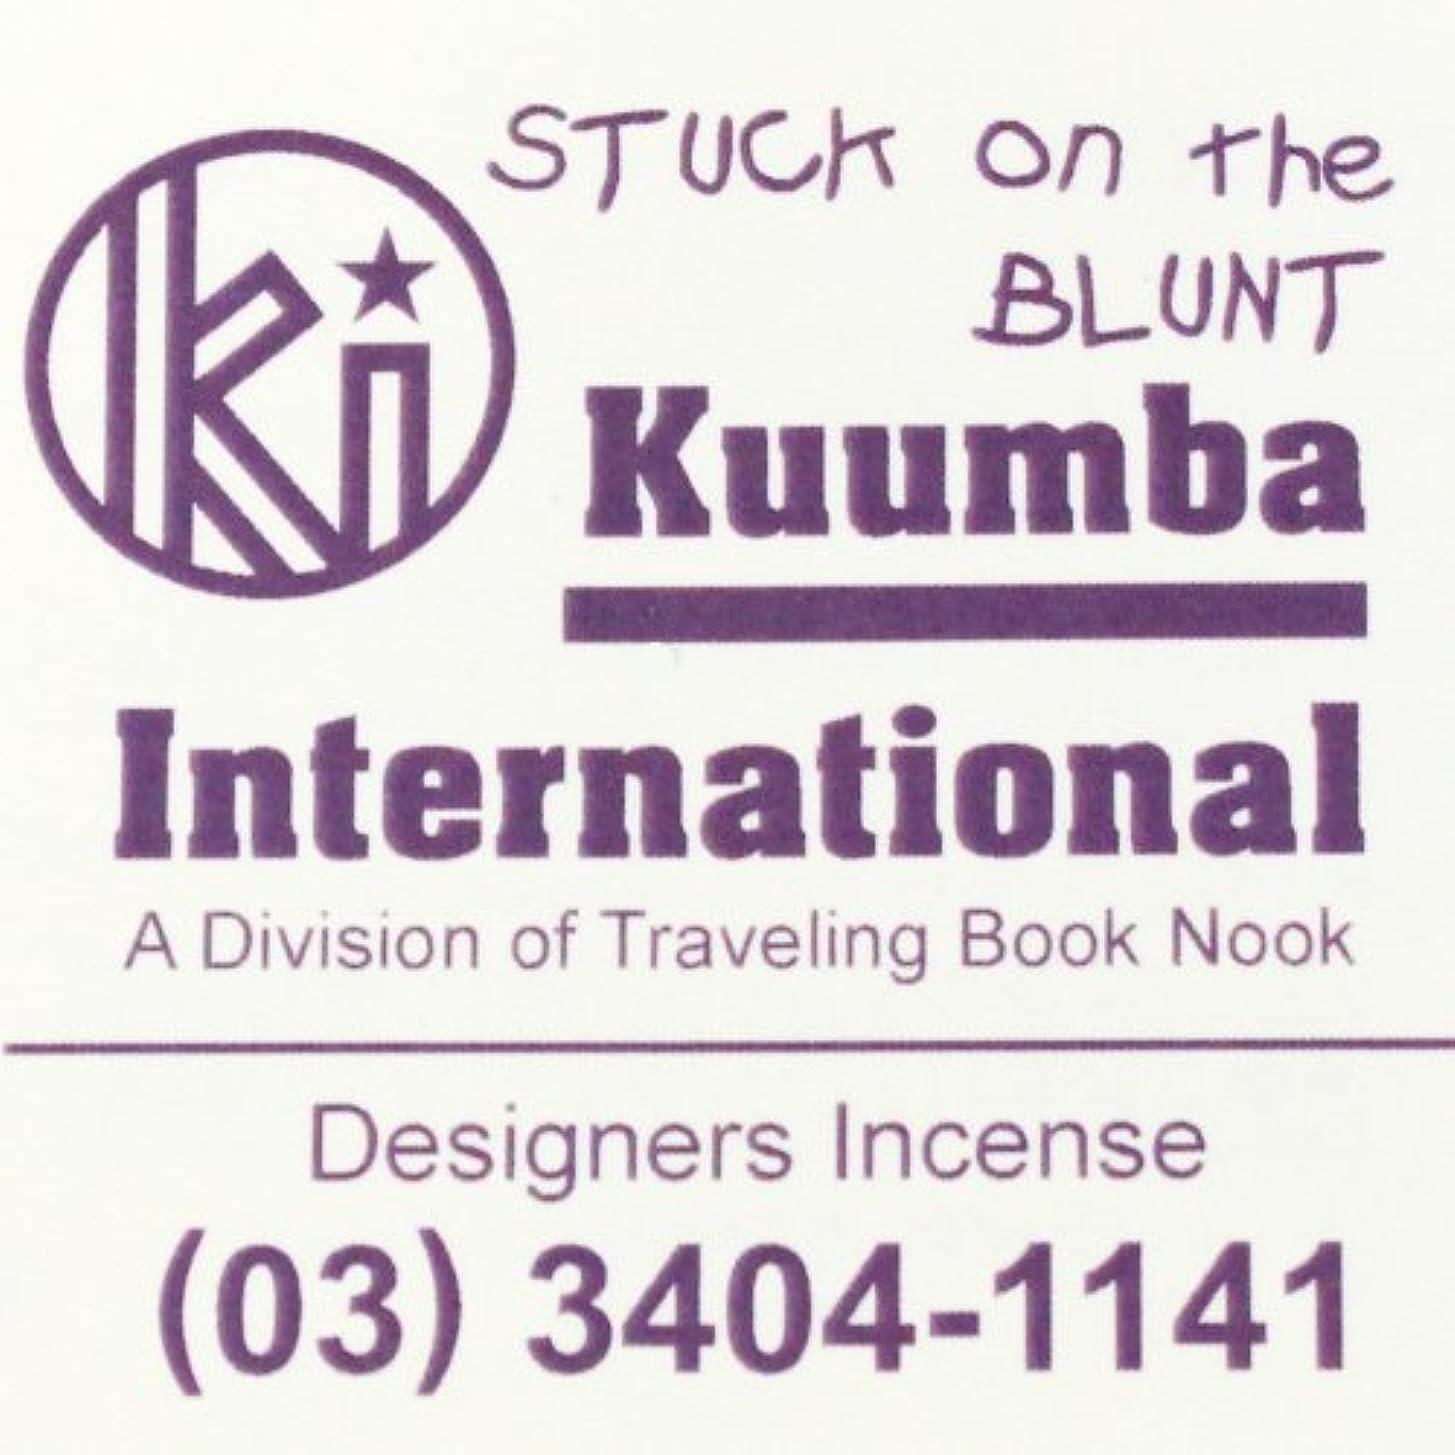 まっすぐカウボーイ掘る(クンバ) KUUMBA『incense』(STUCK on the BLUNT) (Regular size)